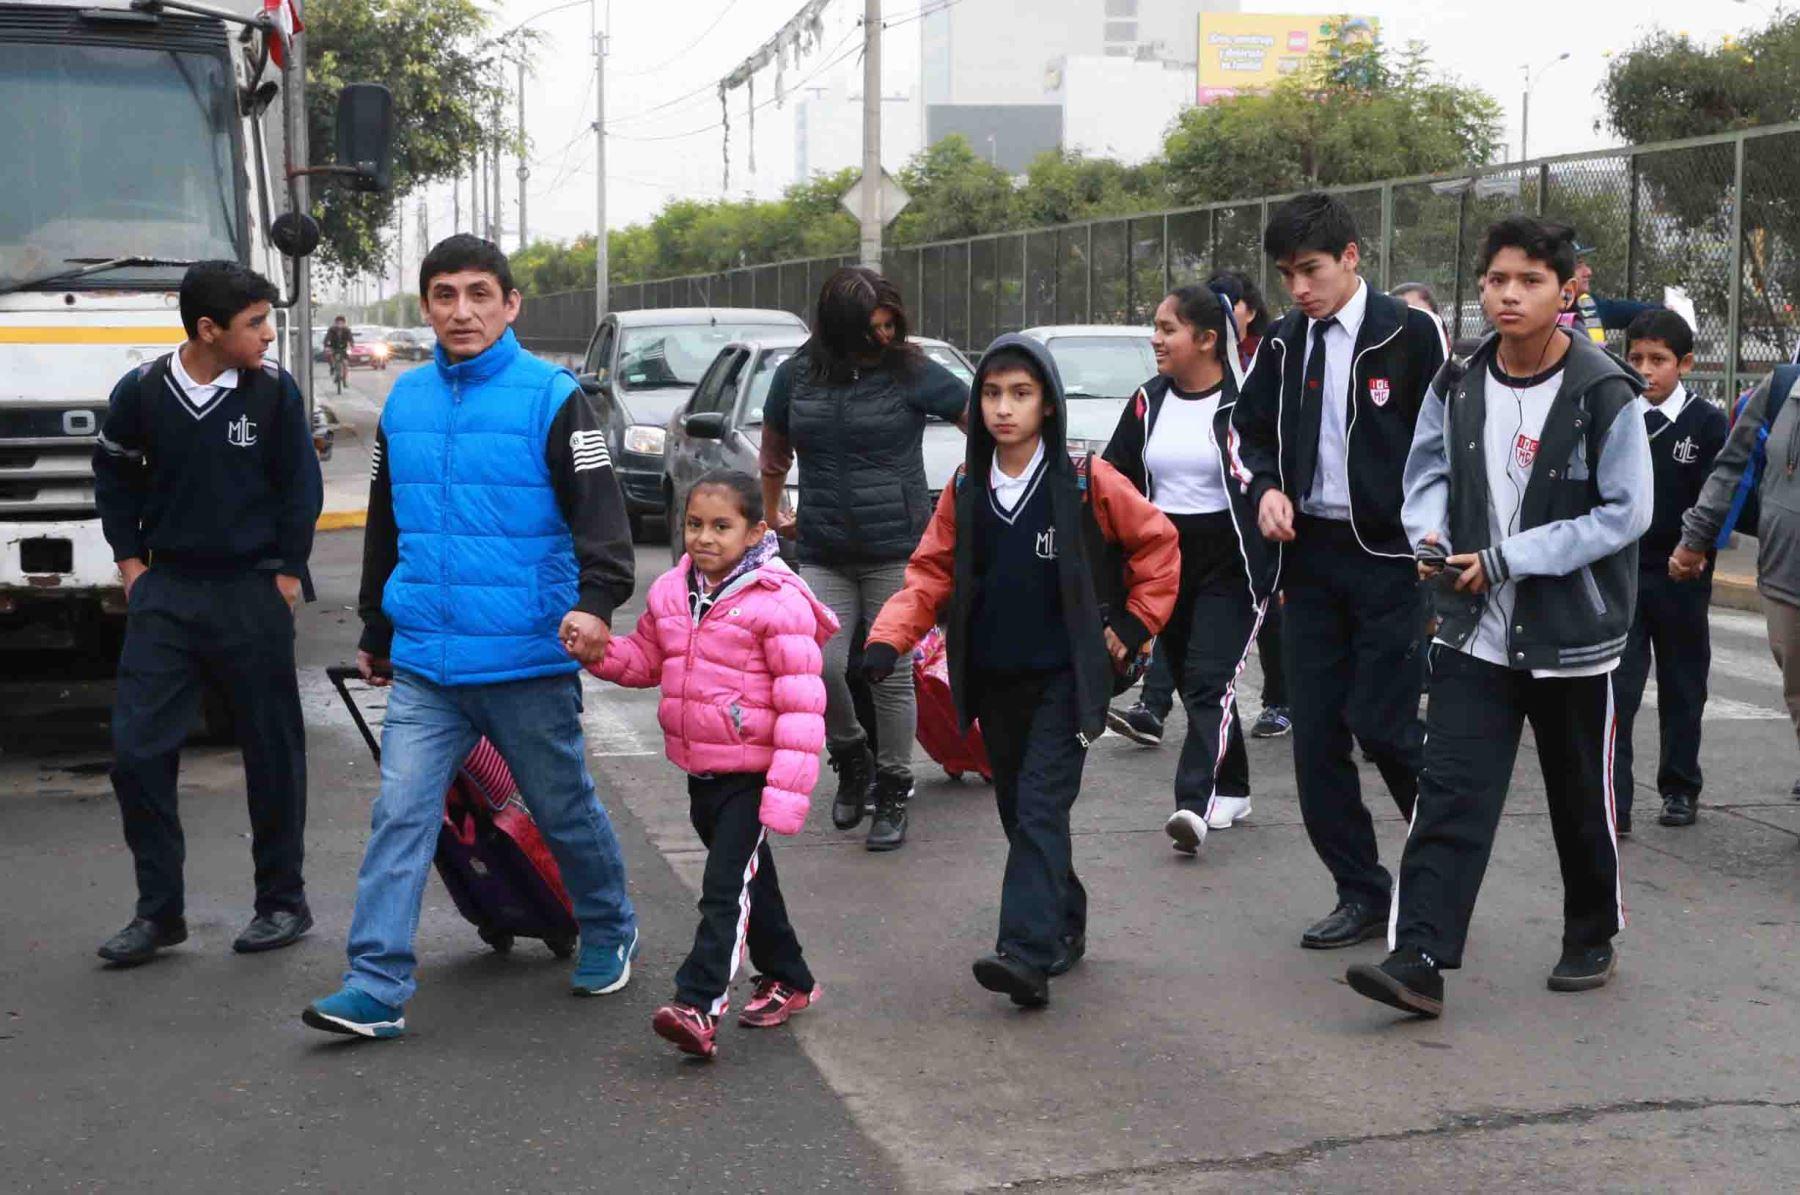 Escolares regresan a las aulas tras huelga